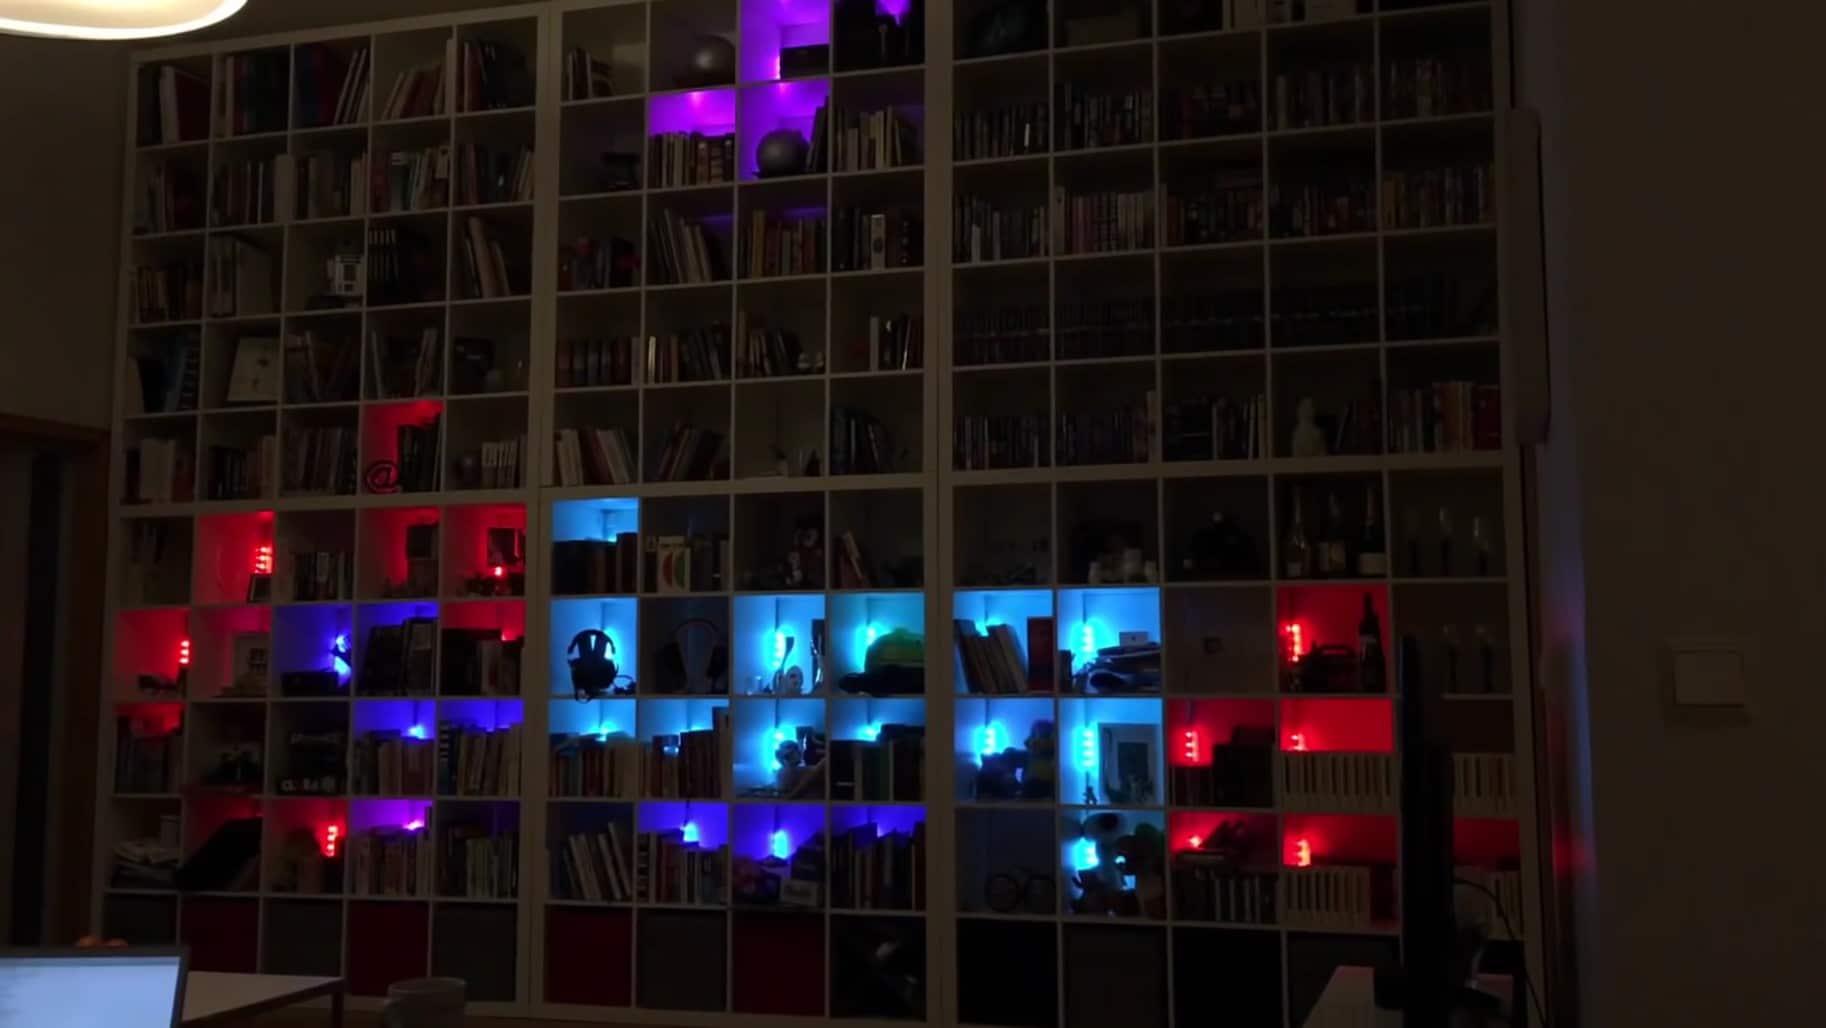 Ein schön großes Spielfeld. Für Tetris. (Foto: Screenshot)